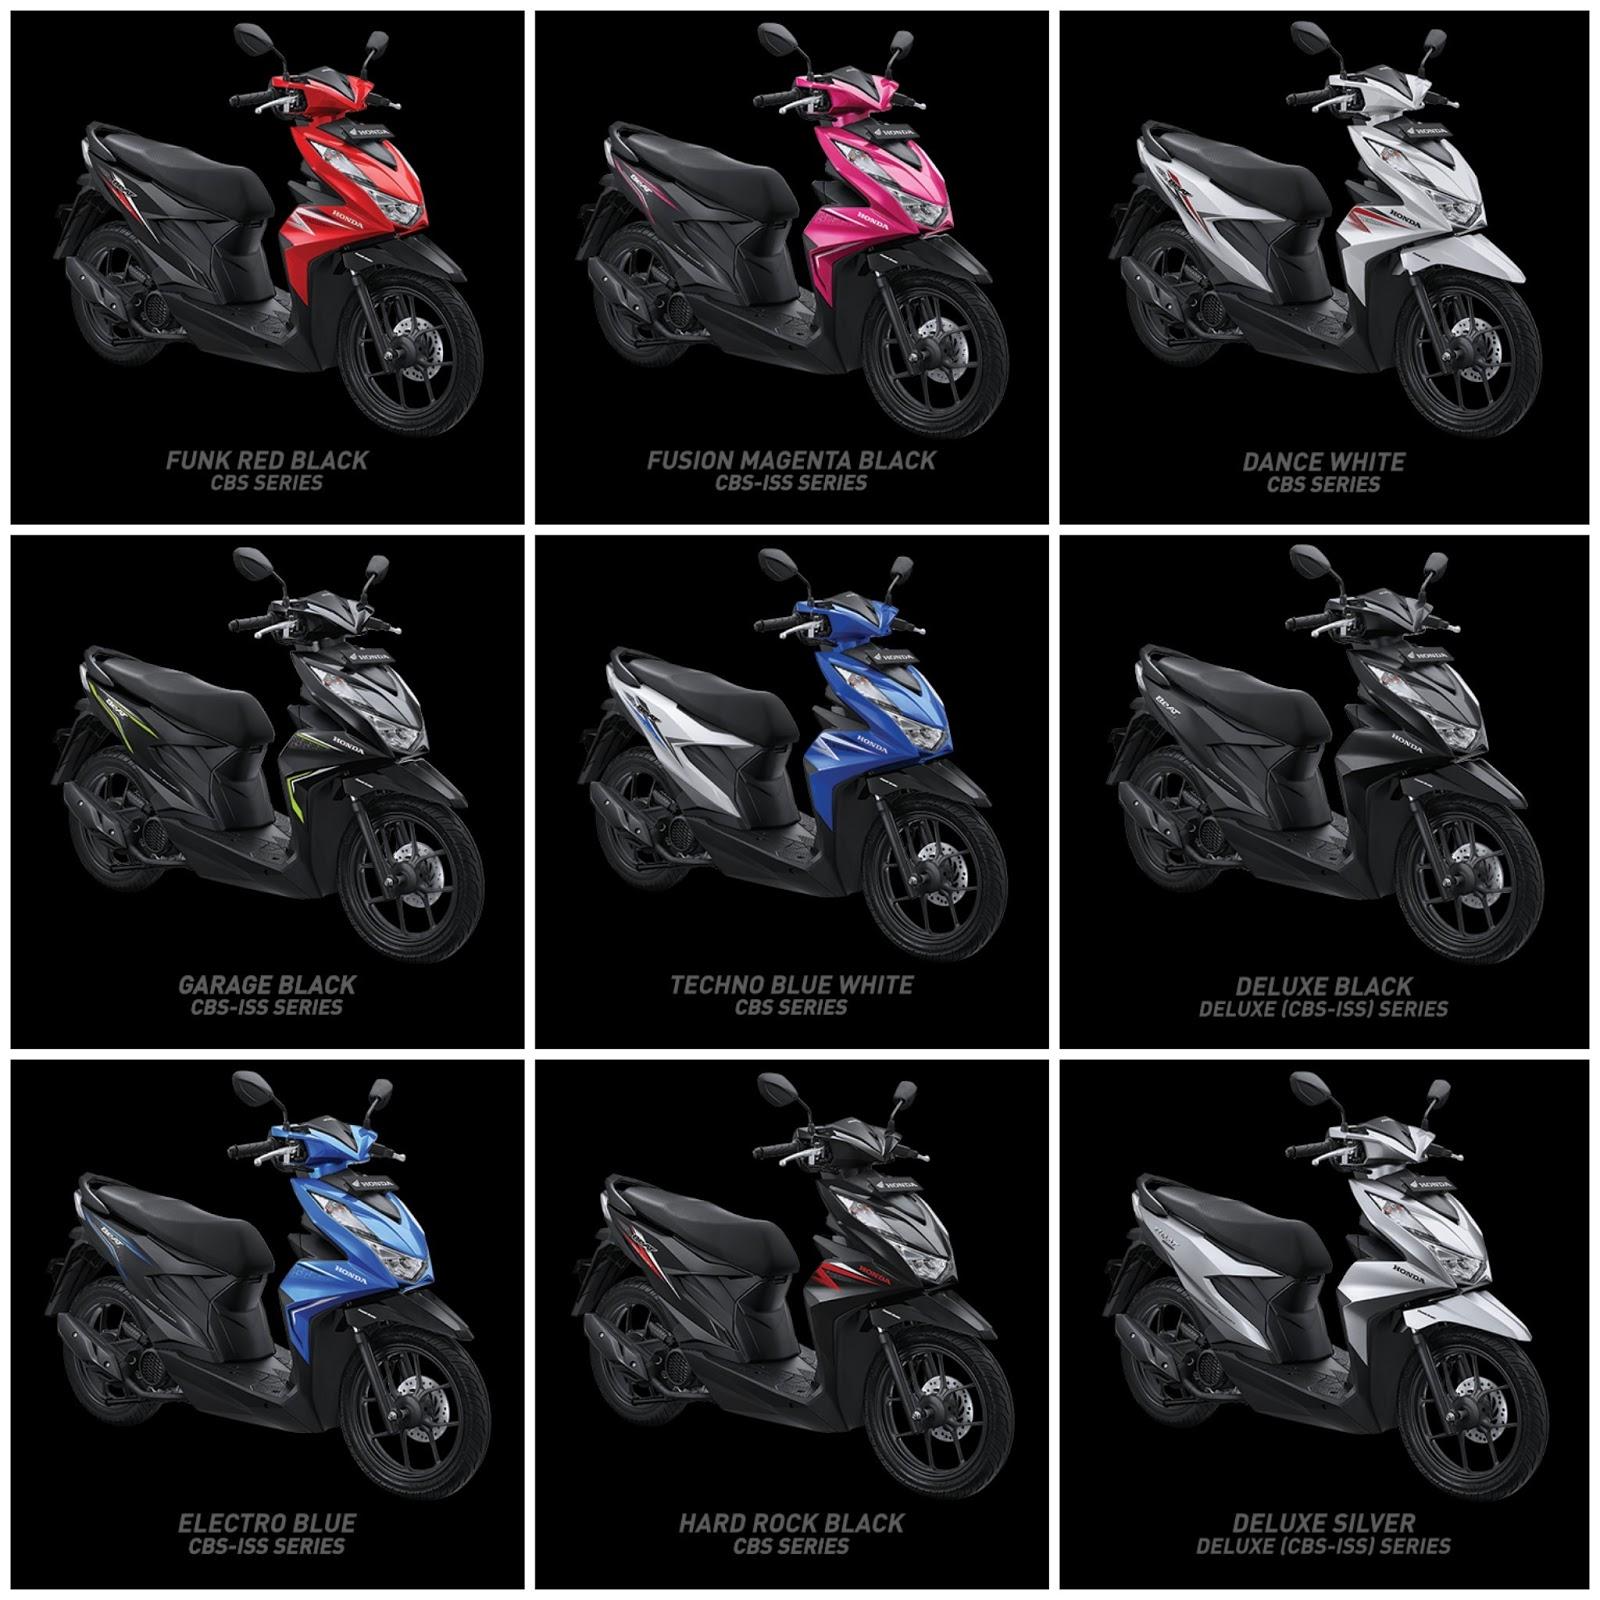 Honda Beat 2021 Tampil Dengan Desain Lebih Menarik Kamu Pilih Warna Apa Rudimotor88